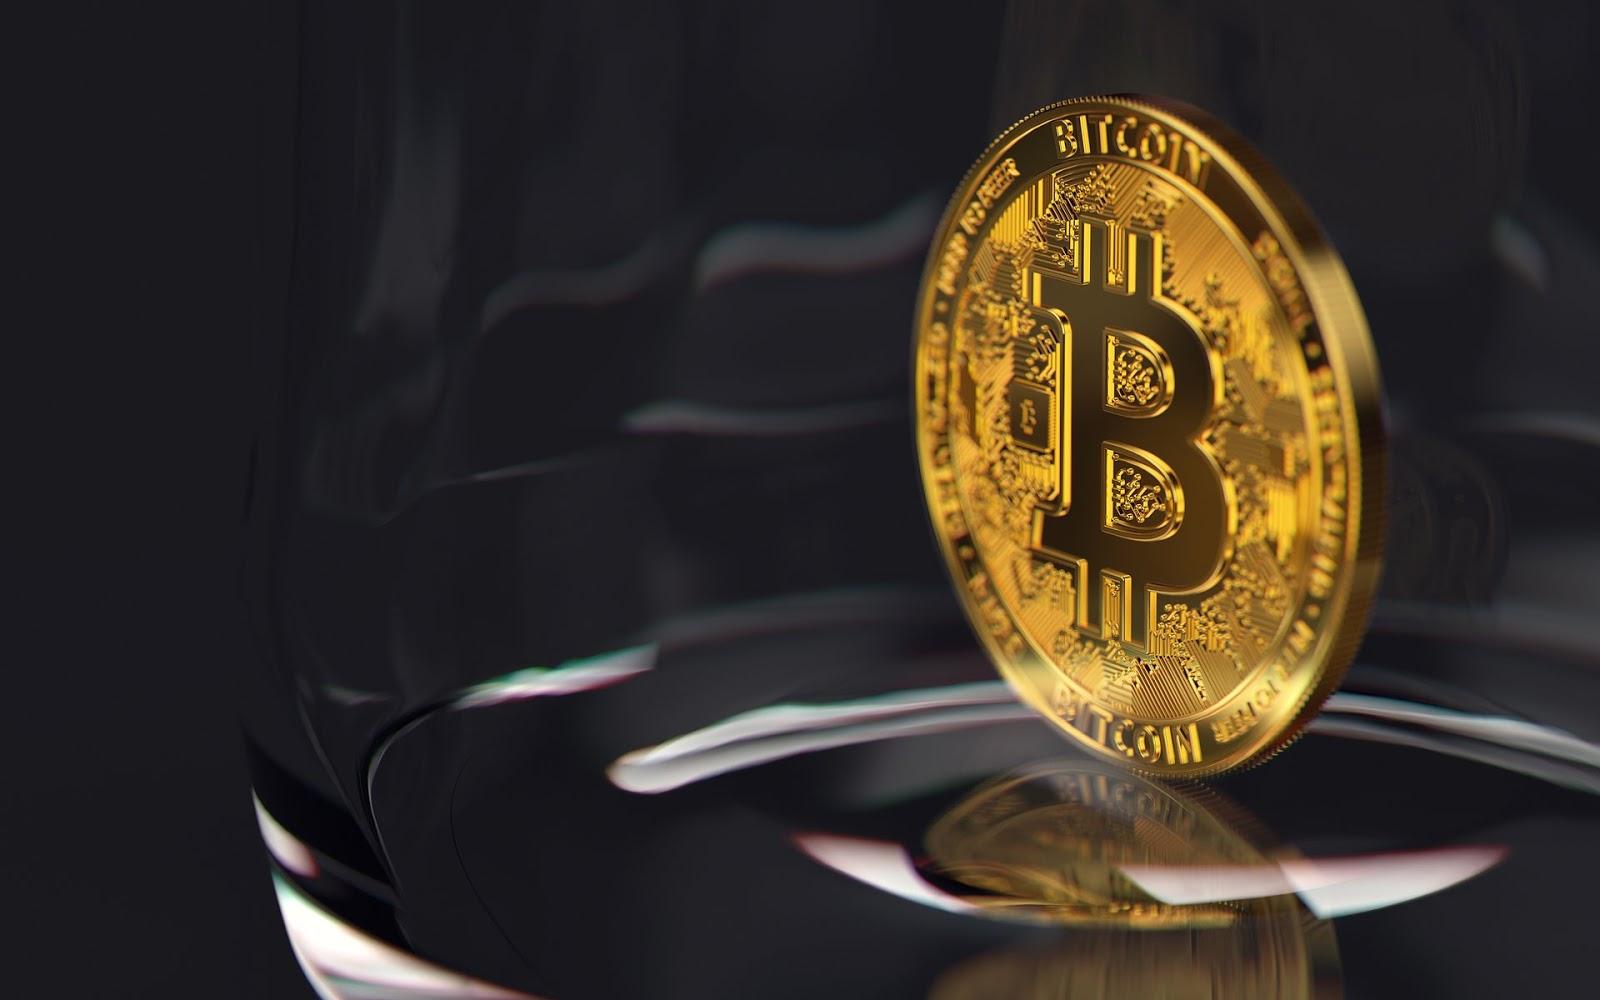 بيتكويين bitcoin ico